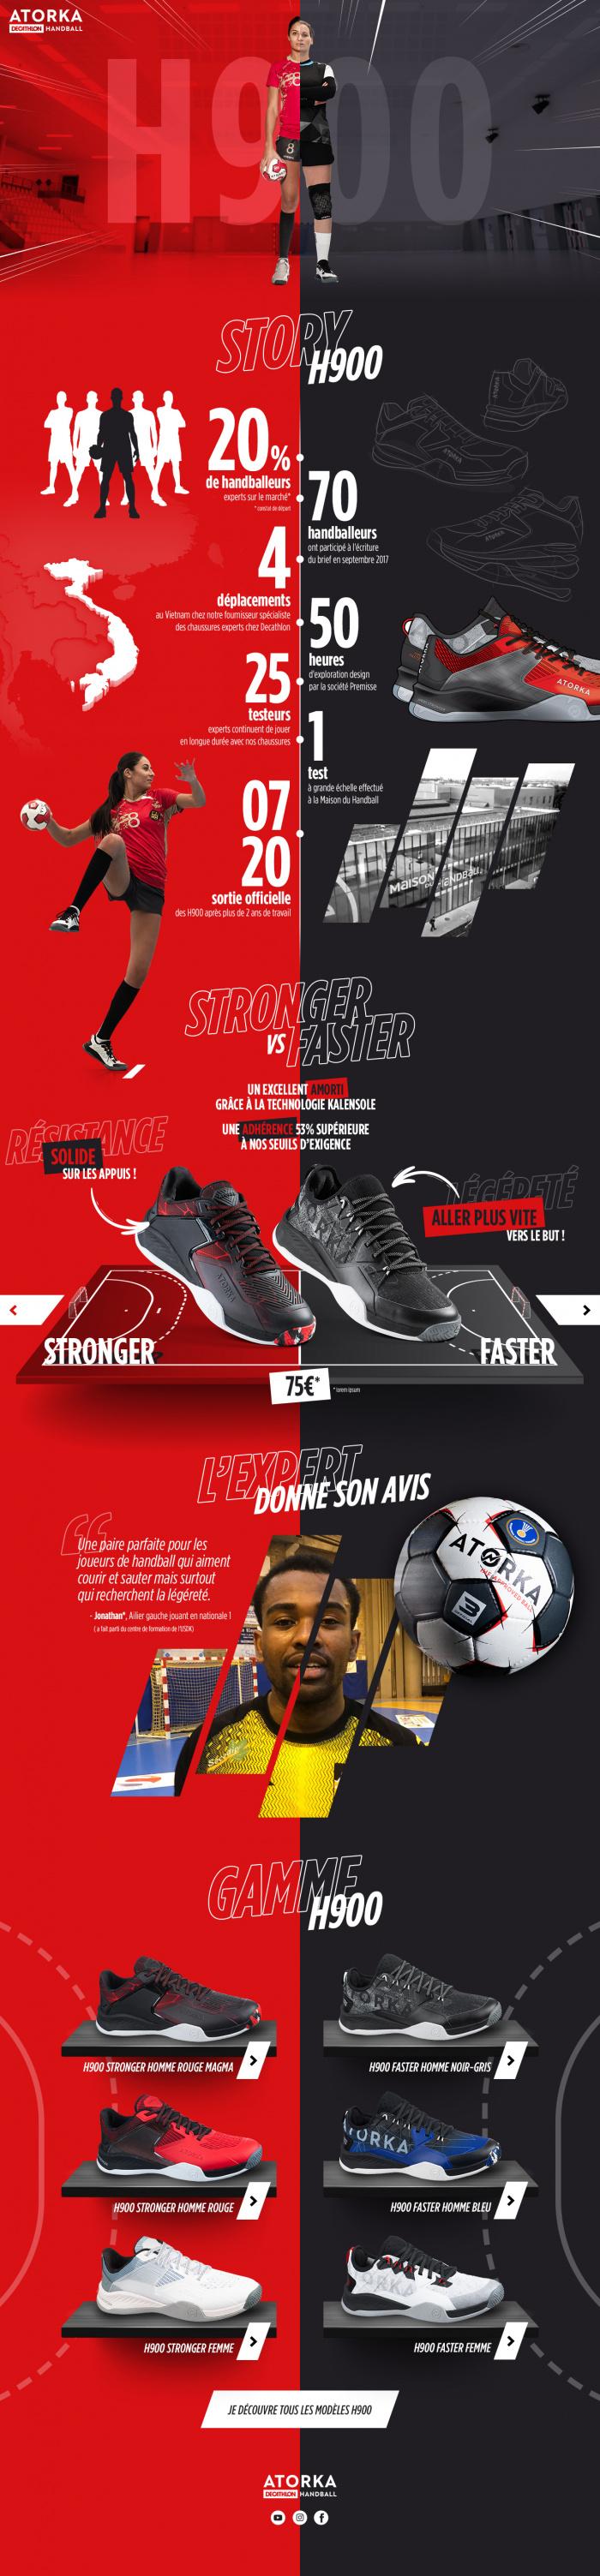 Découvrir les chaussures de handball H900 Stronger Faster